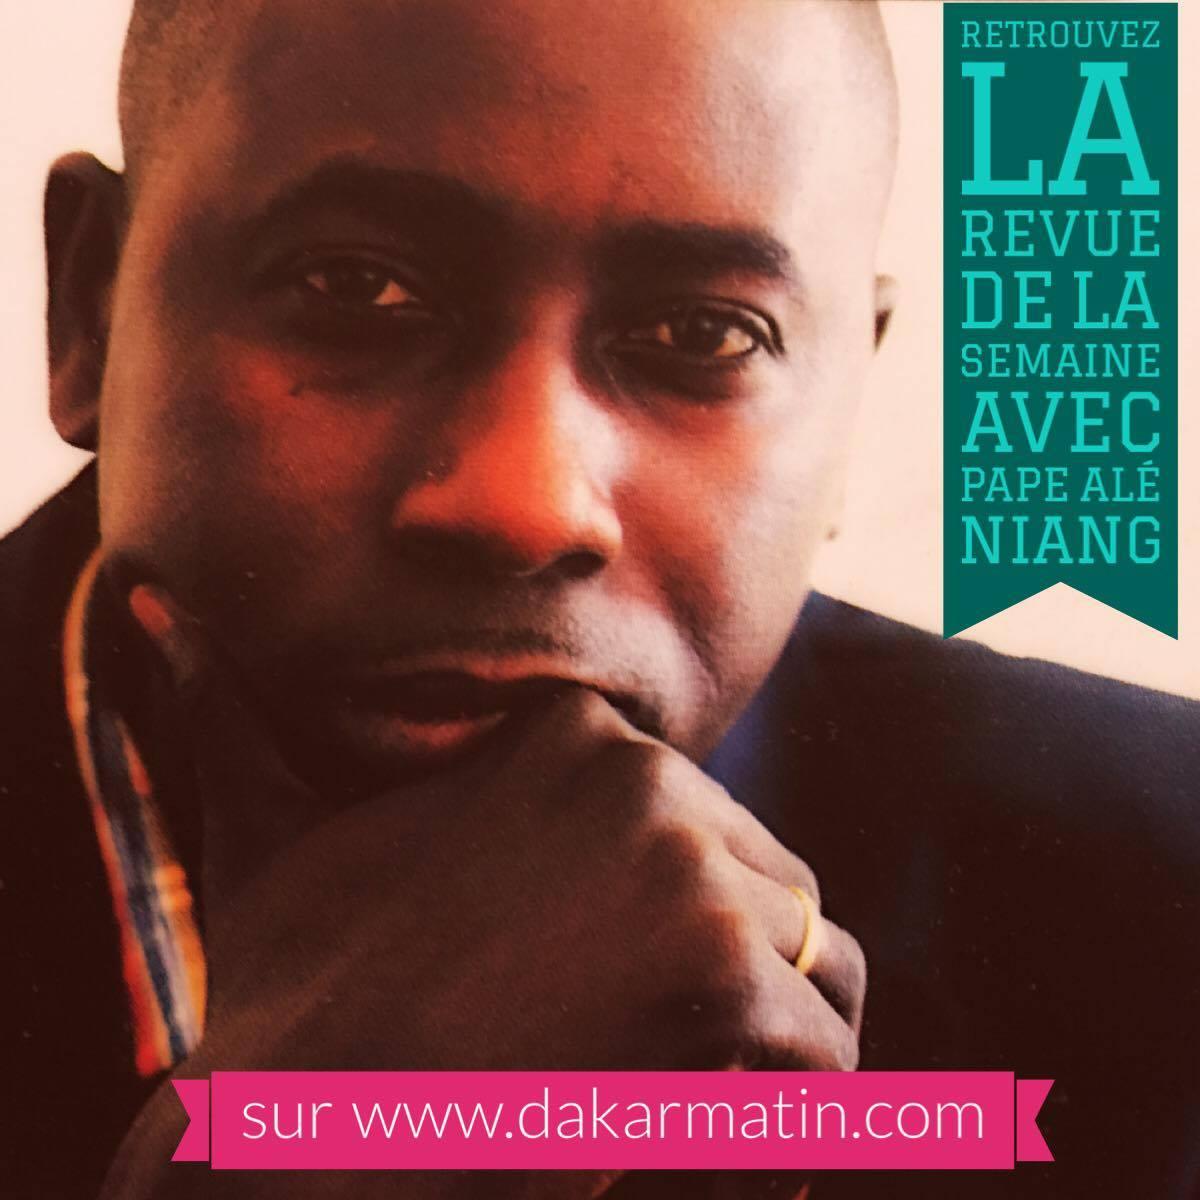 Retrouvez tous les vendredi, sur Dakarmatin.com, Pape Alé Niang pour une analyse des faits saillants de l'actualité